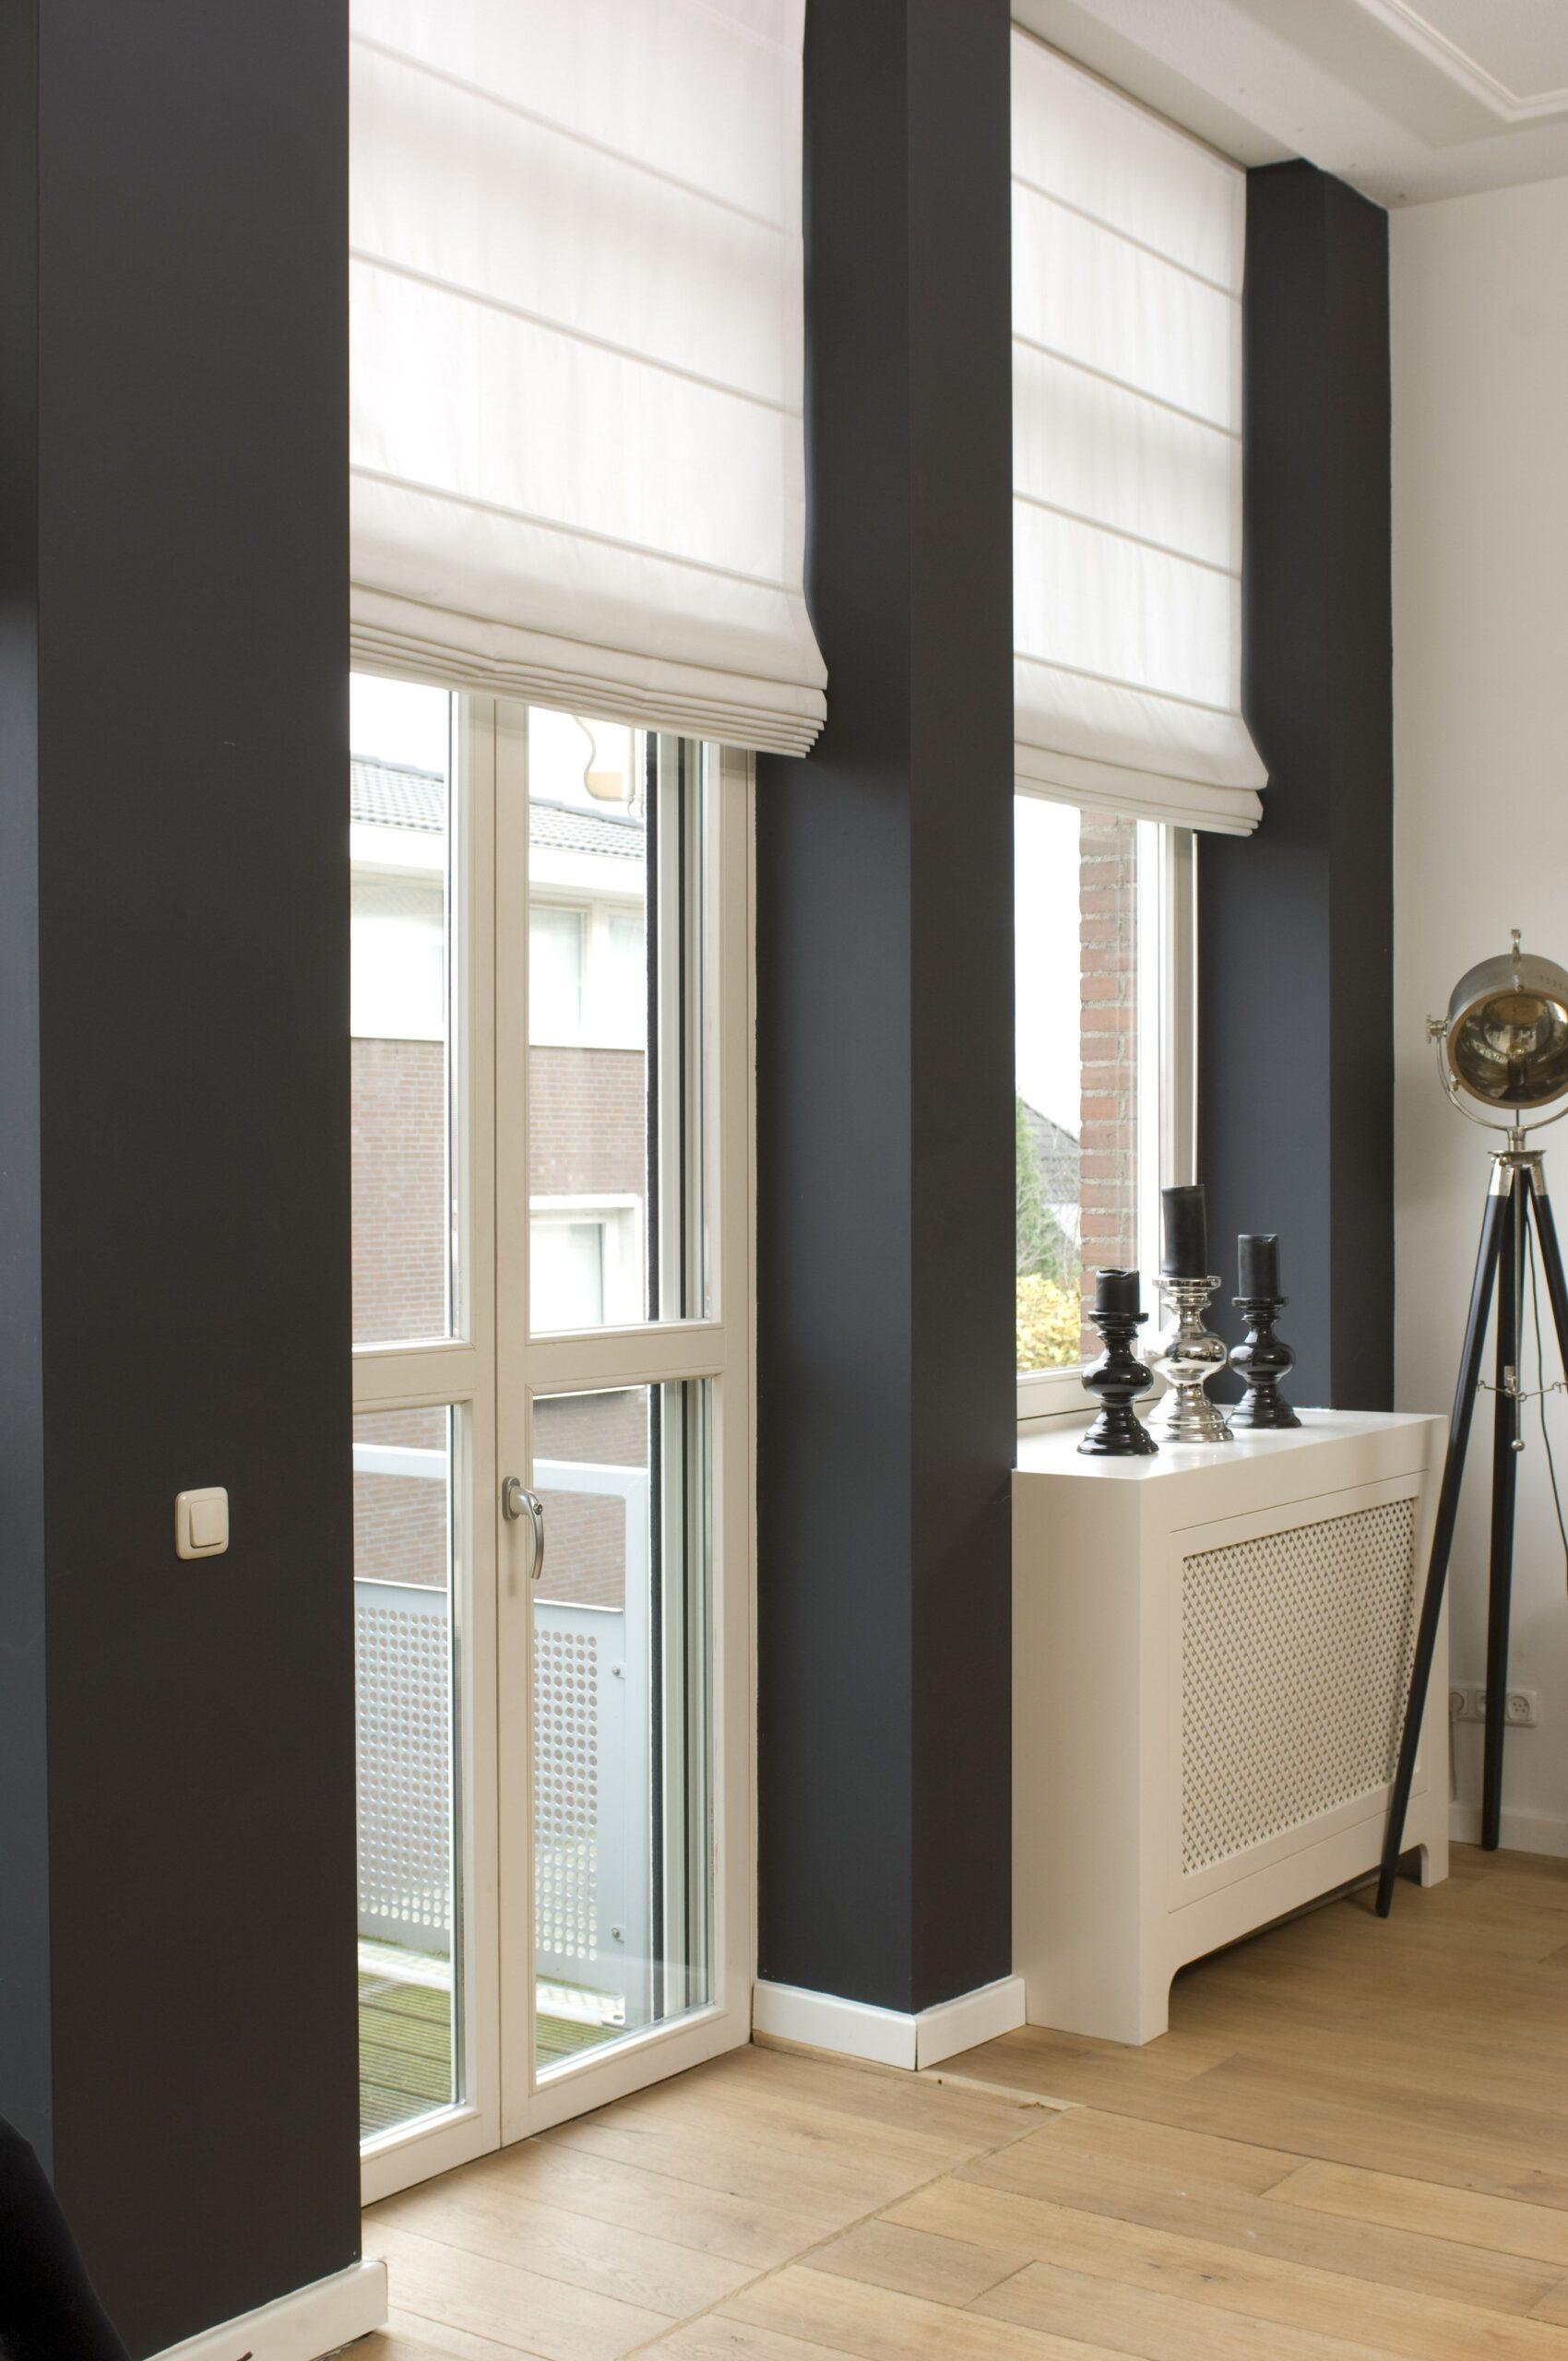 Full Size of Roman Shades Vorhang Gestaltung Wohnzimmer Küche Bad Wohnzimmer Vorhang Terrassentür